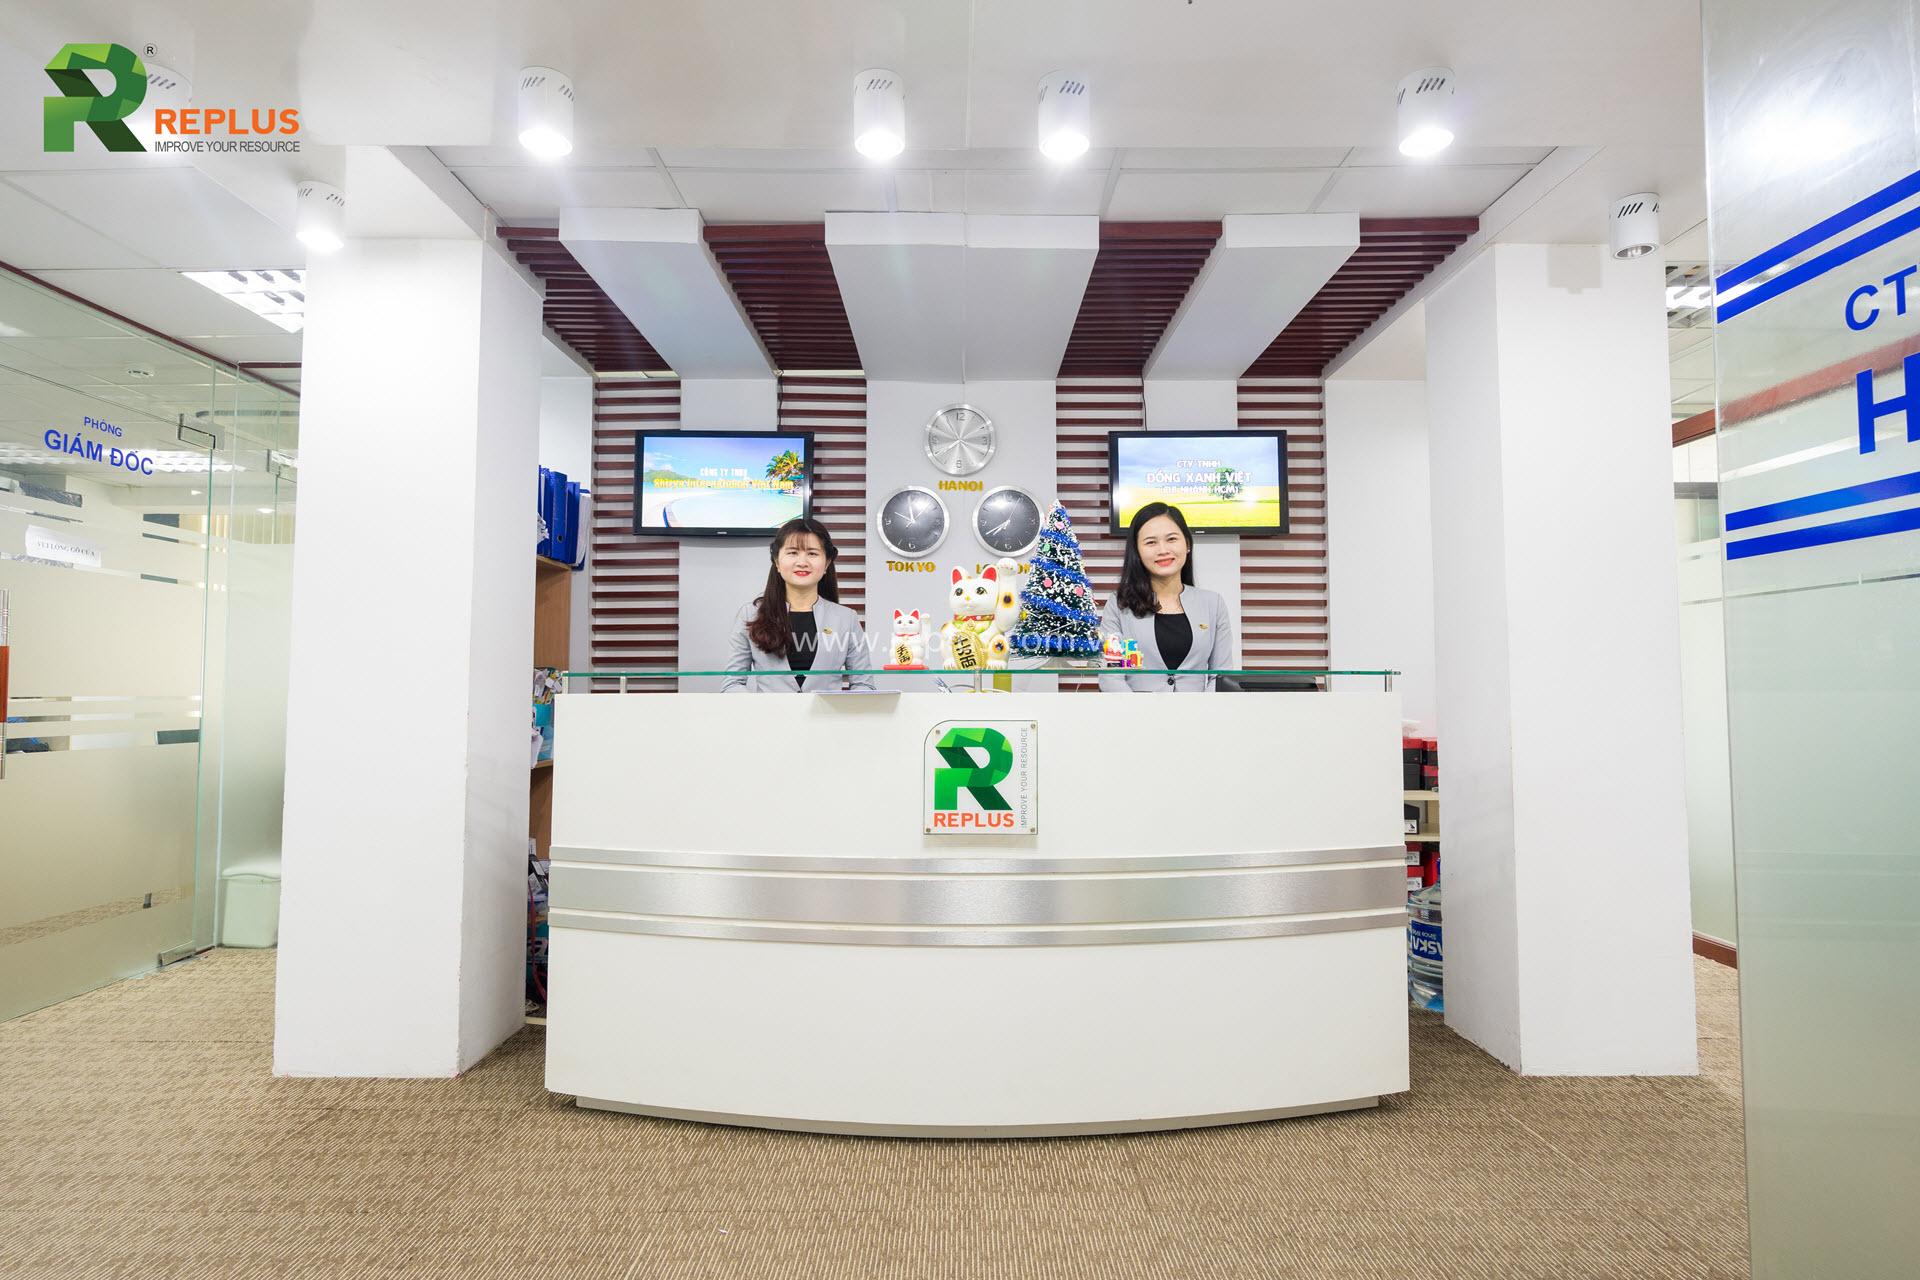 Replus trở thành thương hiệu hàng đầu về dịch vụ văn phòng tại Việt Nam và khu vực ASEAN.eplus